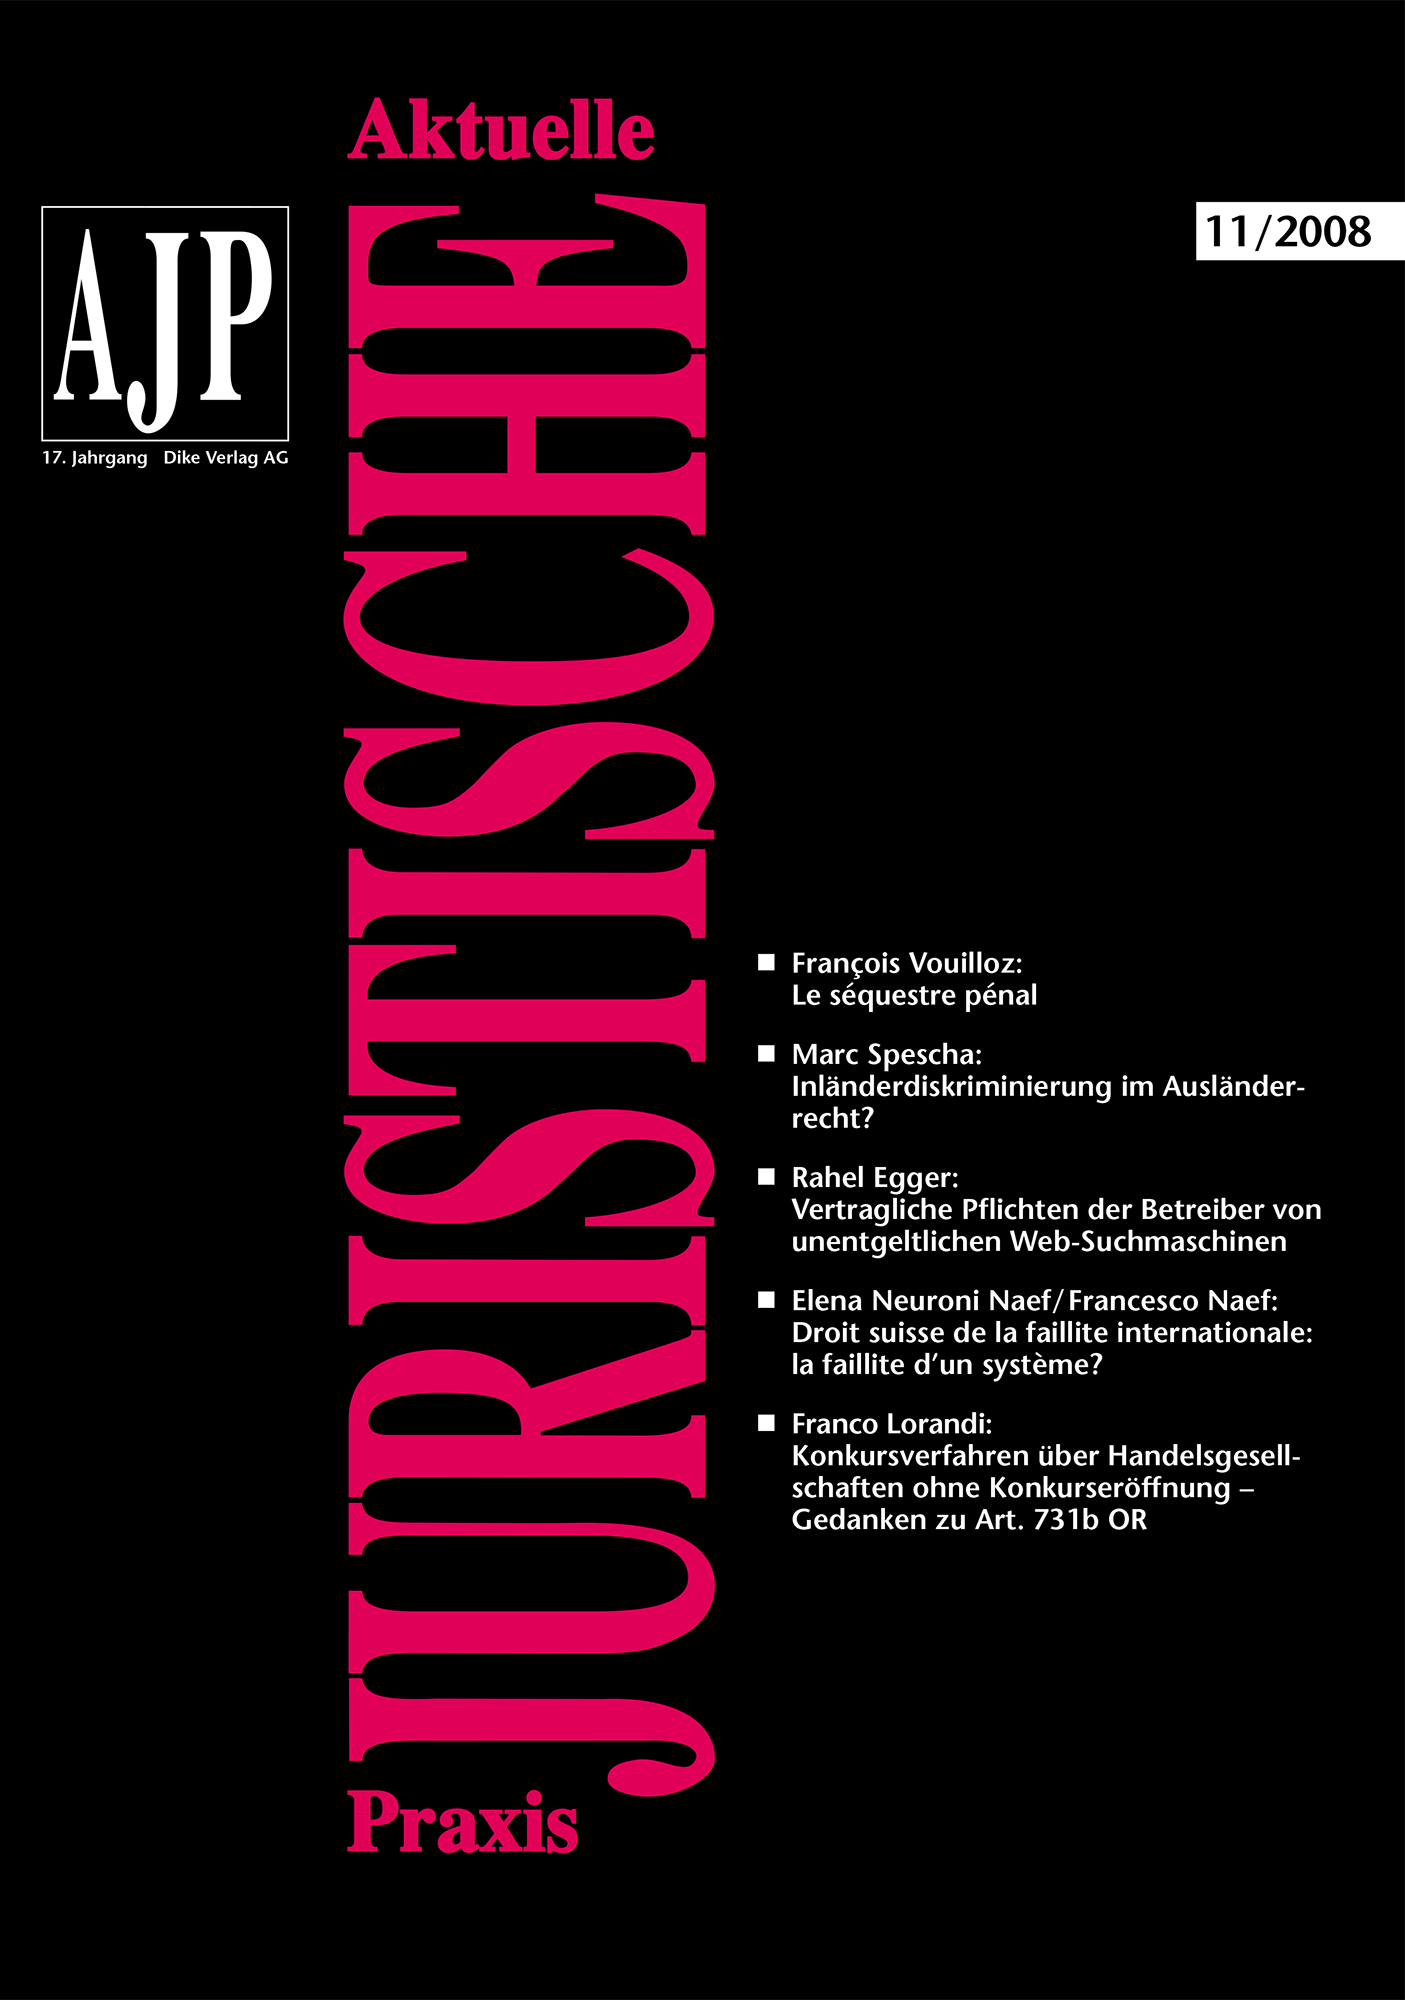 AJP/PJA 11/2008